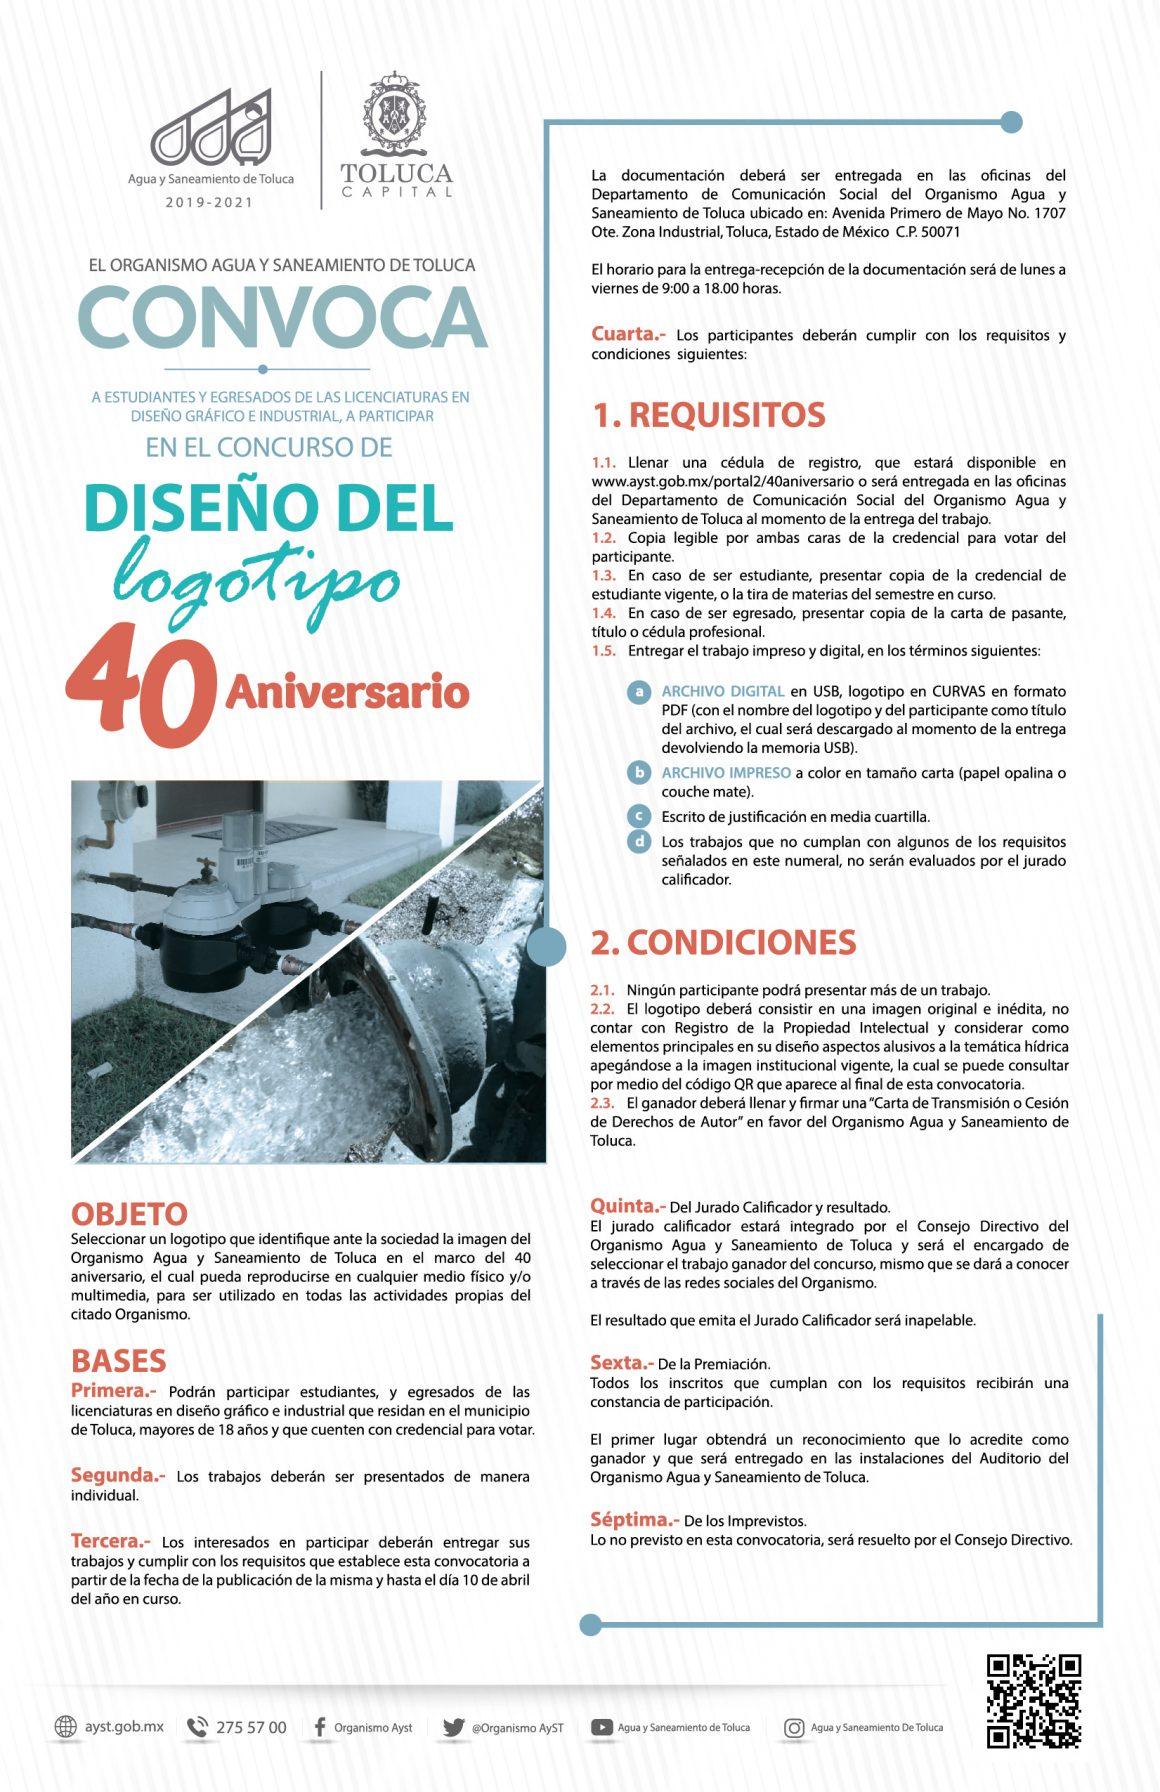 INVITA  AGUA Y SANEAMIENTO DE TOLUCA A PARTICIPAR EN EL CONCURSO PARA DISEÑAR EL LOGOTIPO DE SU 40 ANIVERSARIO